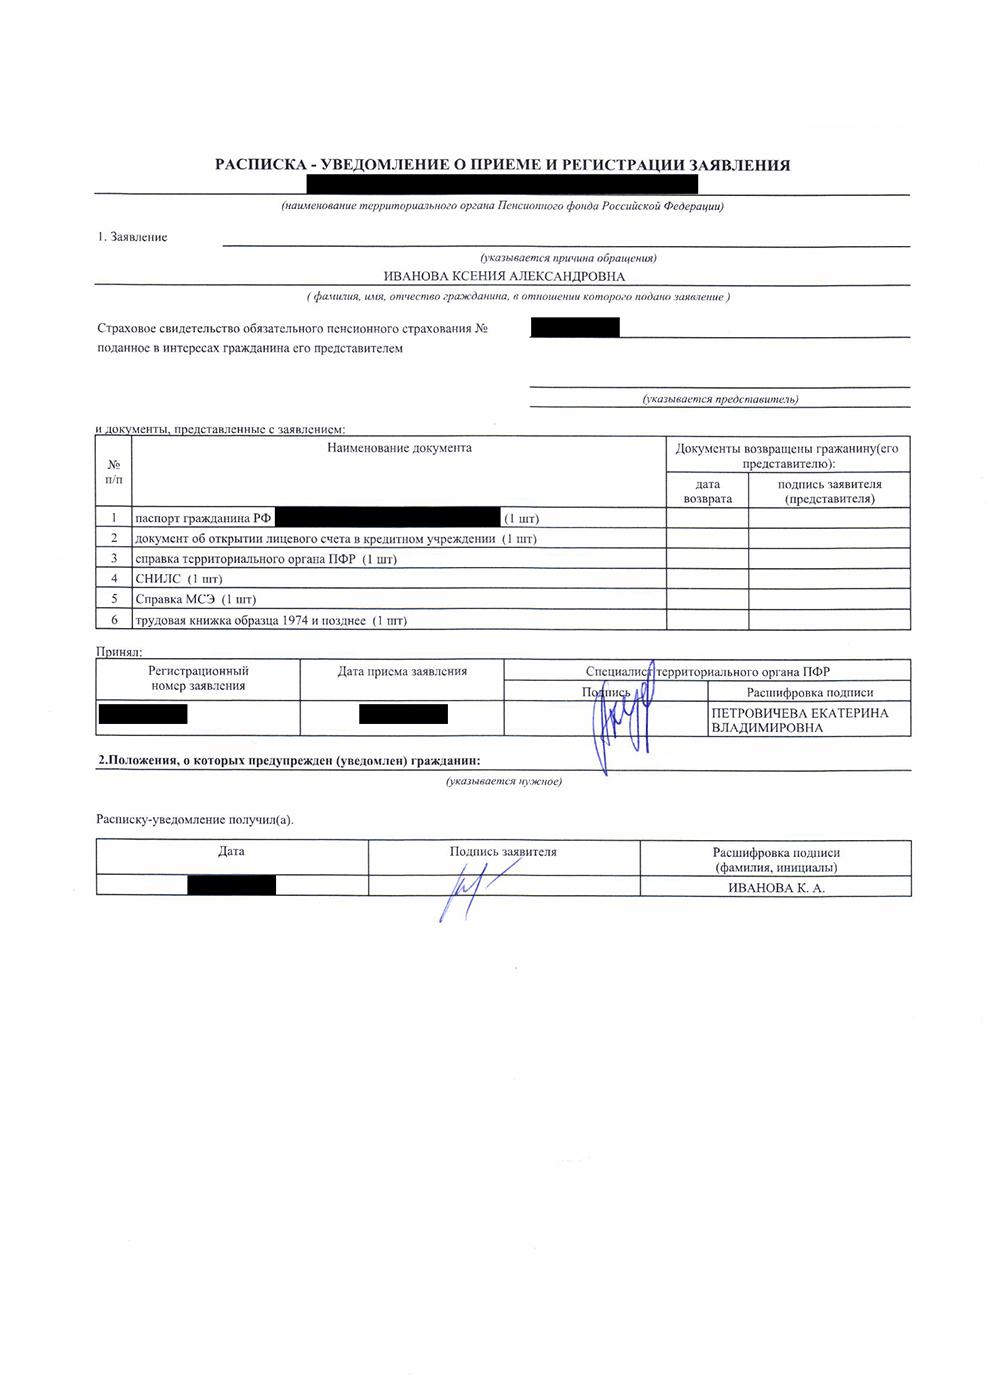 Расписка, которую я получила в ПФР после регистрации моего заявления